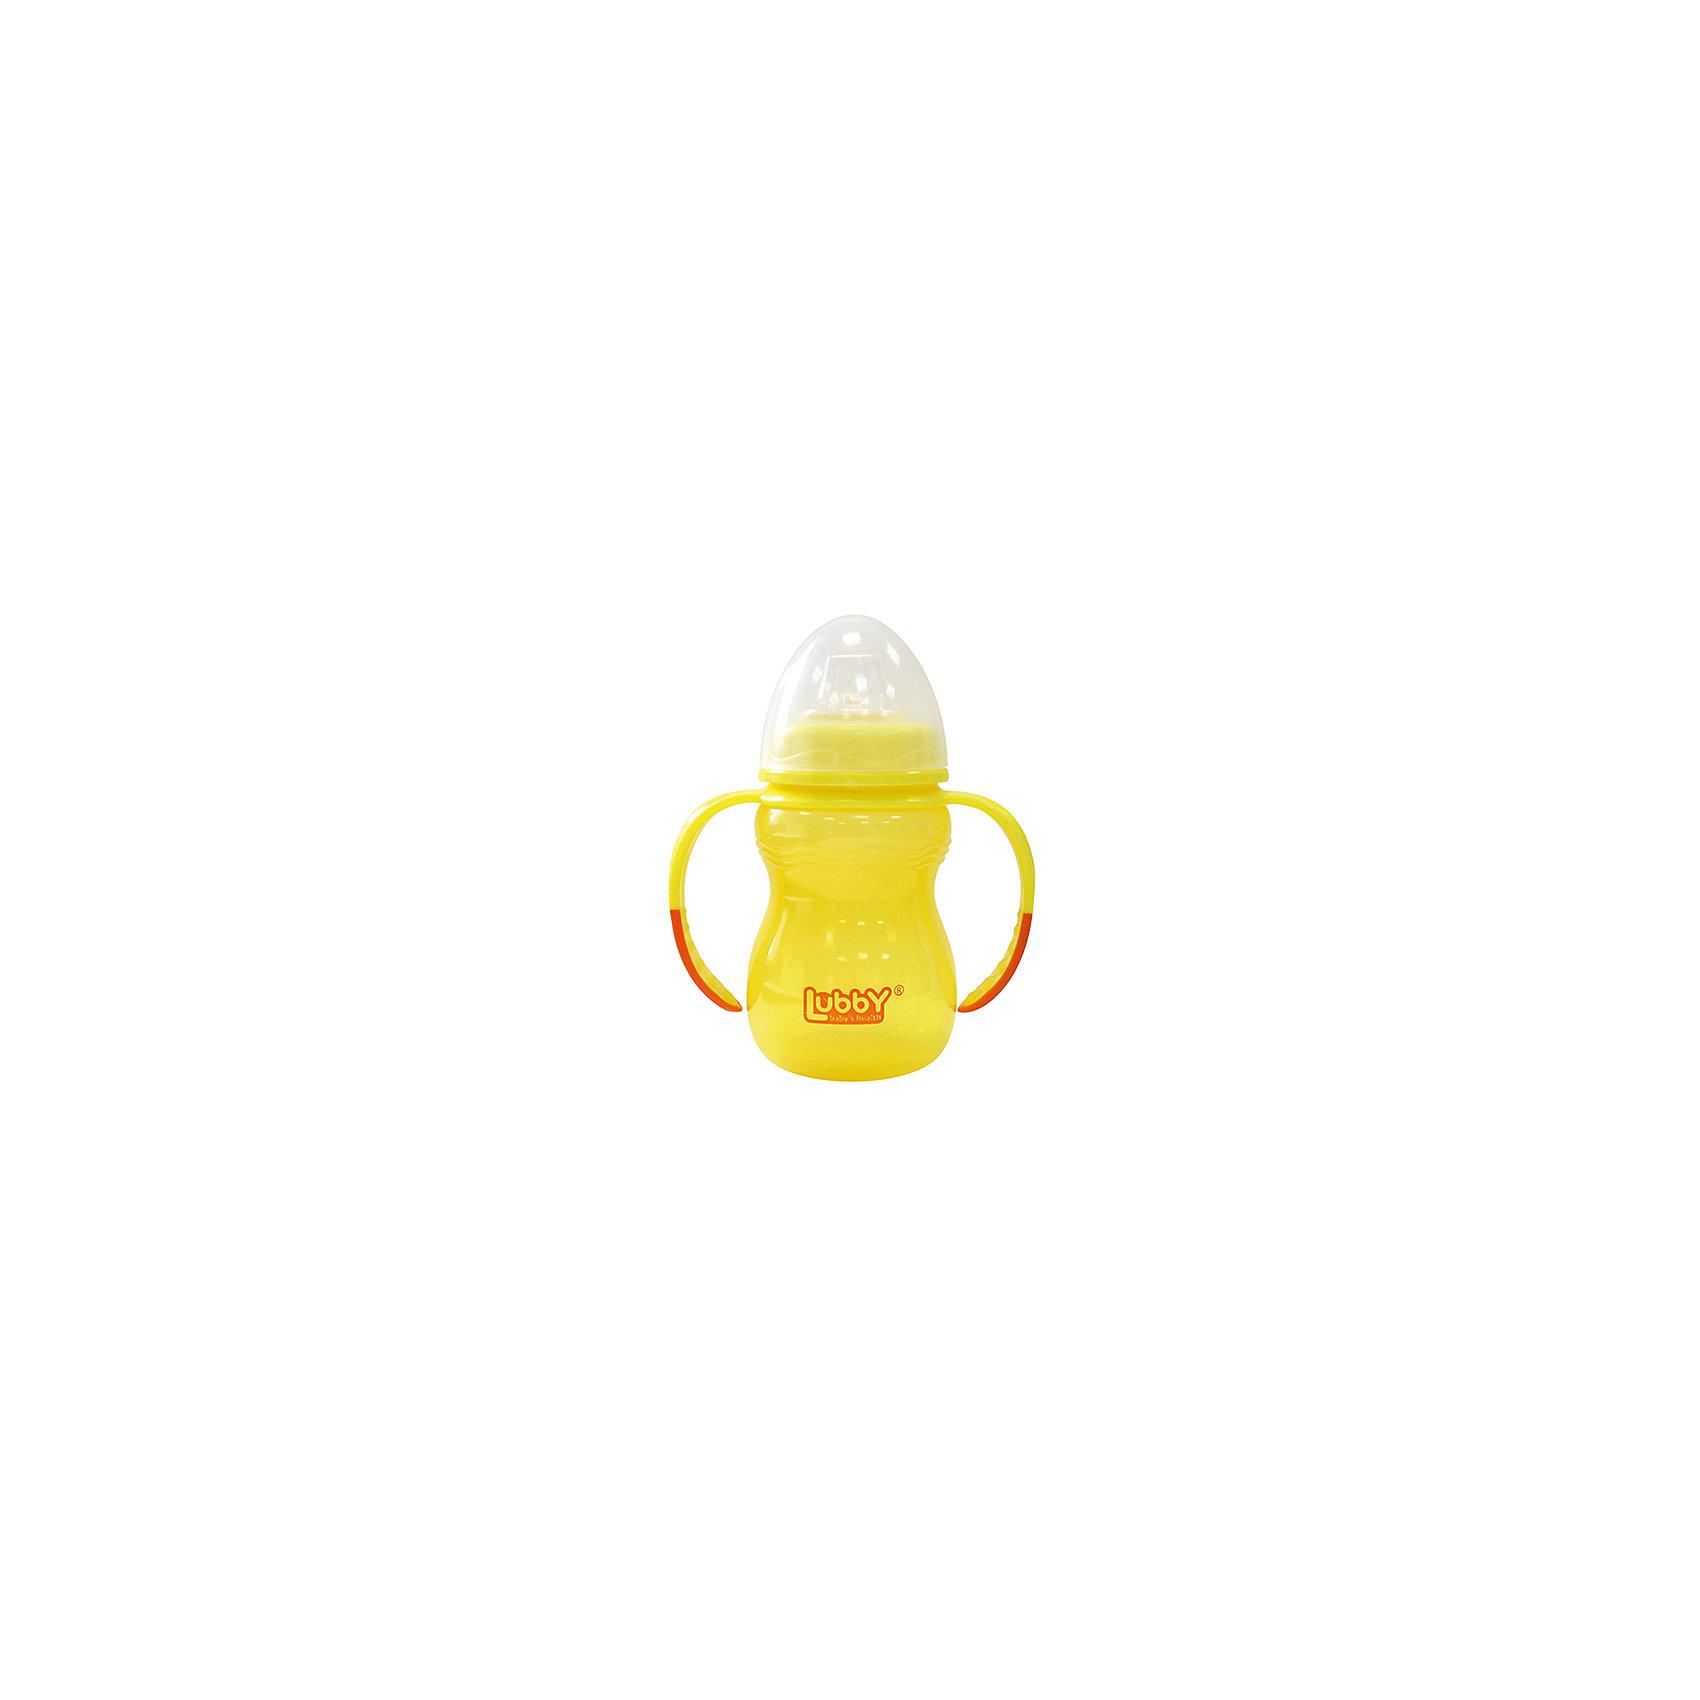 Поильник-непроливайка Классика от 6 мес. 250 мл., LUBBY, жёлтый/оранжевыйПоильники<br>Поильник - Непроливайка с ручками и мягким носиком Классика<br>Арт. 7317<br>Поильник с мягким носиком подойдет тем Малышам, у которых только-только появились передние зубки. Мягкий силиконовой носик будет напоминать Малышу бутылочку или соску-пустышку, что сделает комфортным и безопасным процесс перехода кормления без использования соски, а так же не поранит нежные десны Малыша.<br>Специальная форма носика у поильника позволит предотвратить проливание жидкости, если Ребенок уронил или перевернул поильник. Шкала позволит точно отмерить необходимое количество жидкости. Крышка защитит носик поильника от загрязнения при временном неиспользовании. Боковые ручки позволят малышу держать кружку самостоятельно.<br>Перед первым использованием необходимо прокипятить изделие в течение 5 минут. В дальнейшем перед каждым использованием кружку необходимо мыть теплой водой с мылом, тщательно ополаскивать. Можно мыть в посудомоечной машине.<br>Состав: полипропилен (безопасный пластик PP), носик – силикон<br>Срок службы: 1 год<br>Размер: 250 мл.<br>Размер единичной упаковки (ДхШхВ) : 80x130x170<br>Вес: 94<br>Объем: 250 мл.<br><br>Ширина мм: 130<br>Глубина мм: 80<br>Высота мм: 170<br>Вес г: 350<br>Возраст от месяцев: 6<br>Возраст до месяцев: 36<br>Пол: Унисекс<br>Возраст: Детский<br>SKU: 5309080